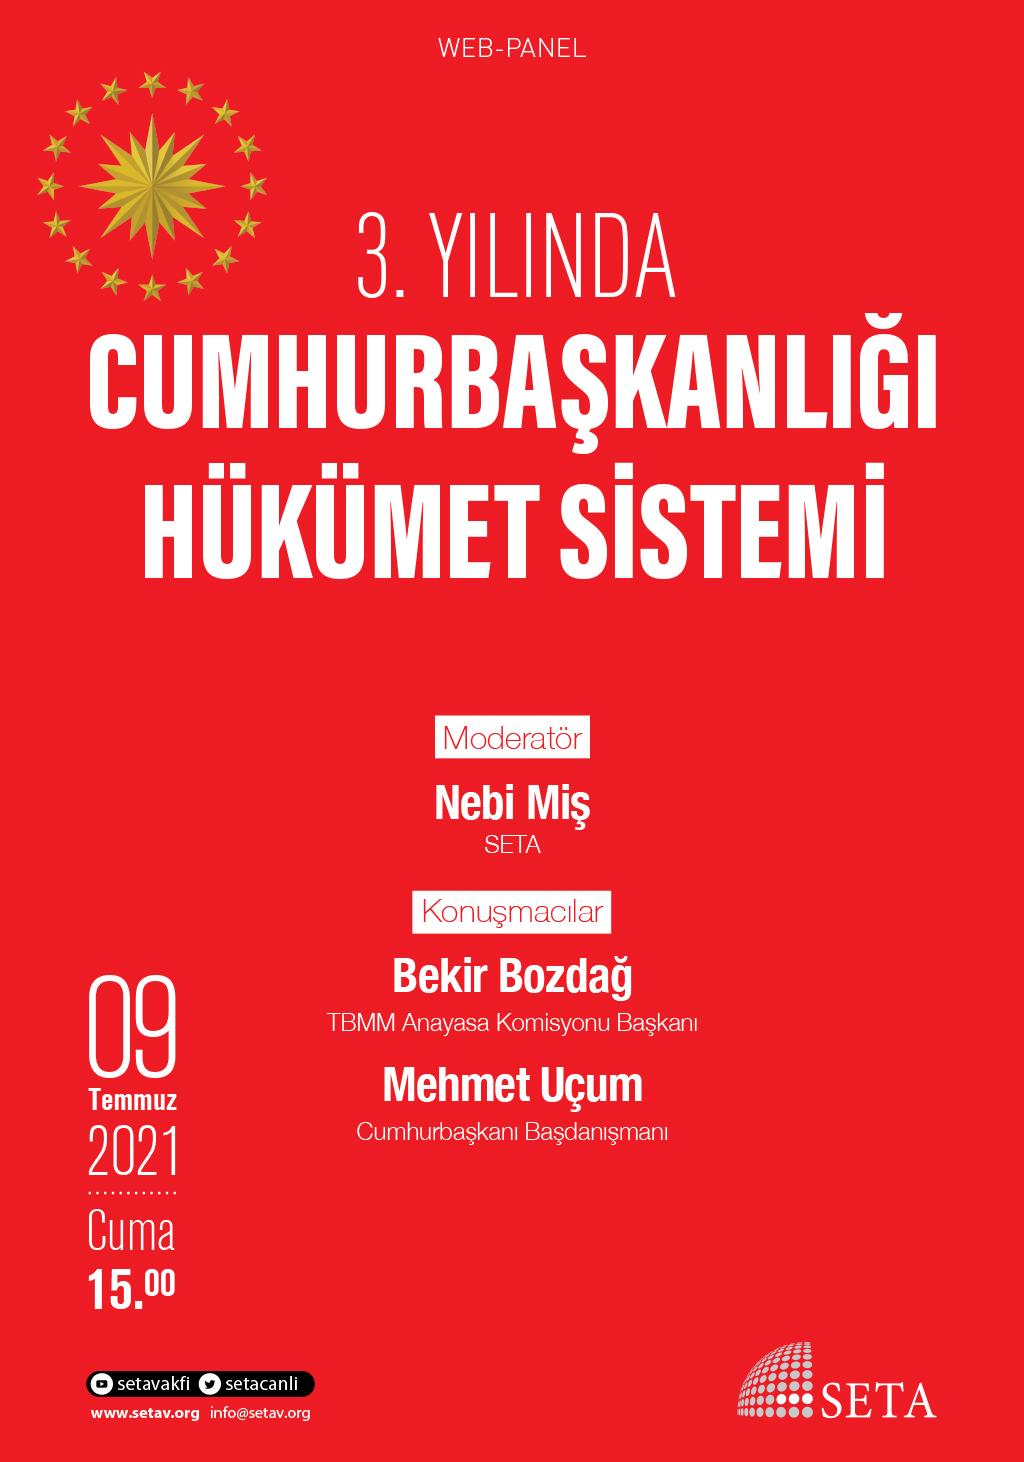 Web Panel: 3. Yılında Cumhurbaşkanlığı Hükümet Sistemi